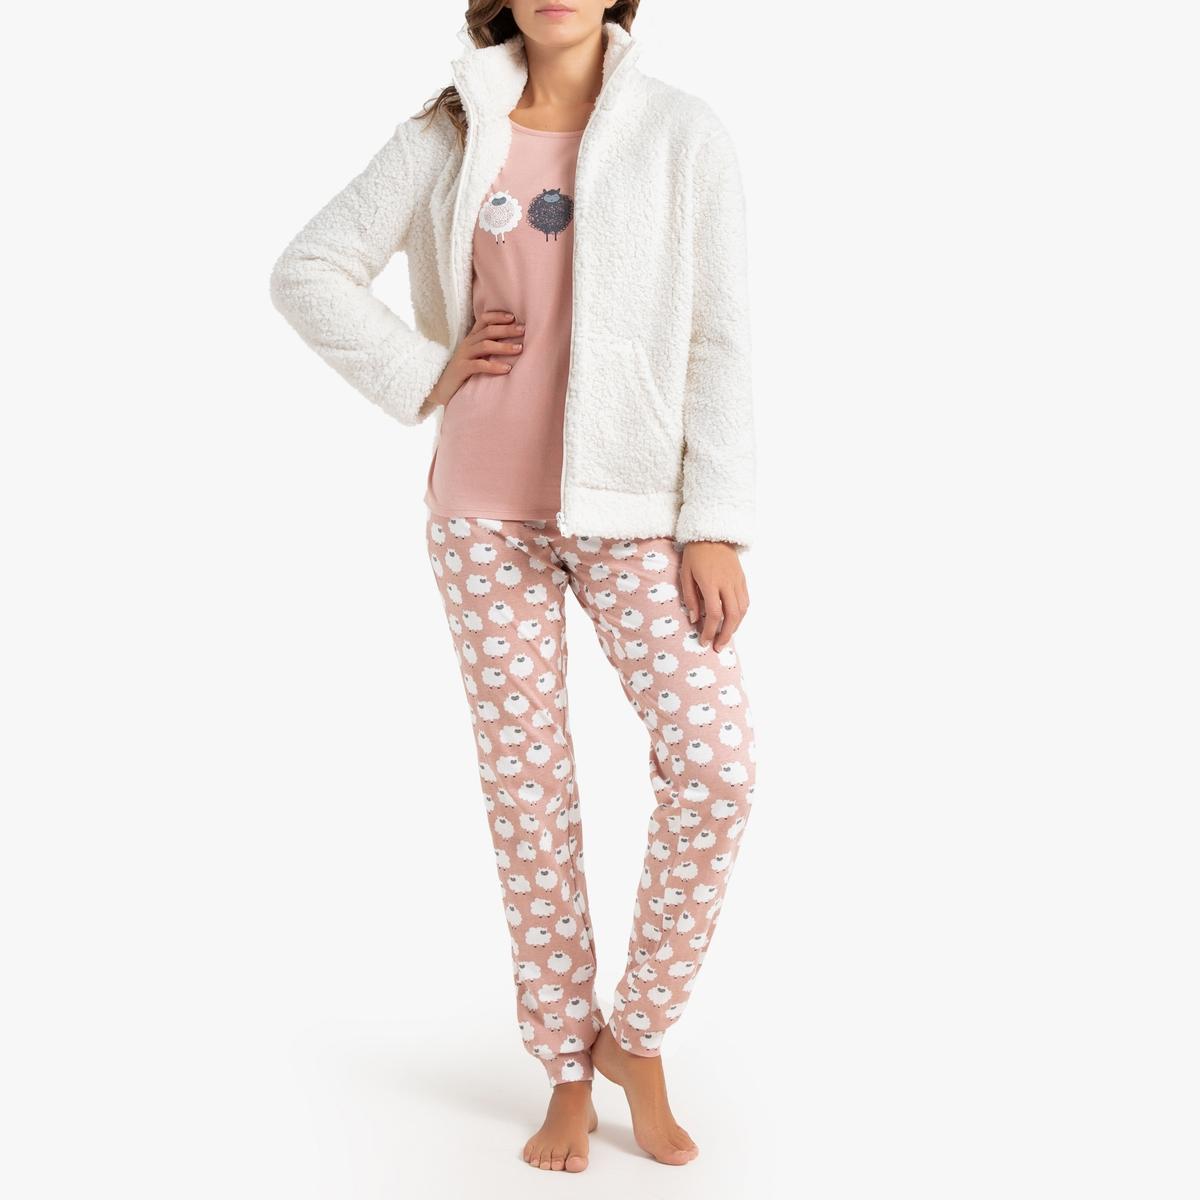 Pijama de 3 prendas